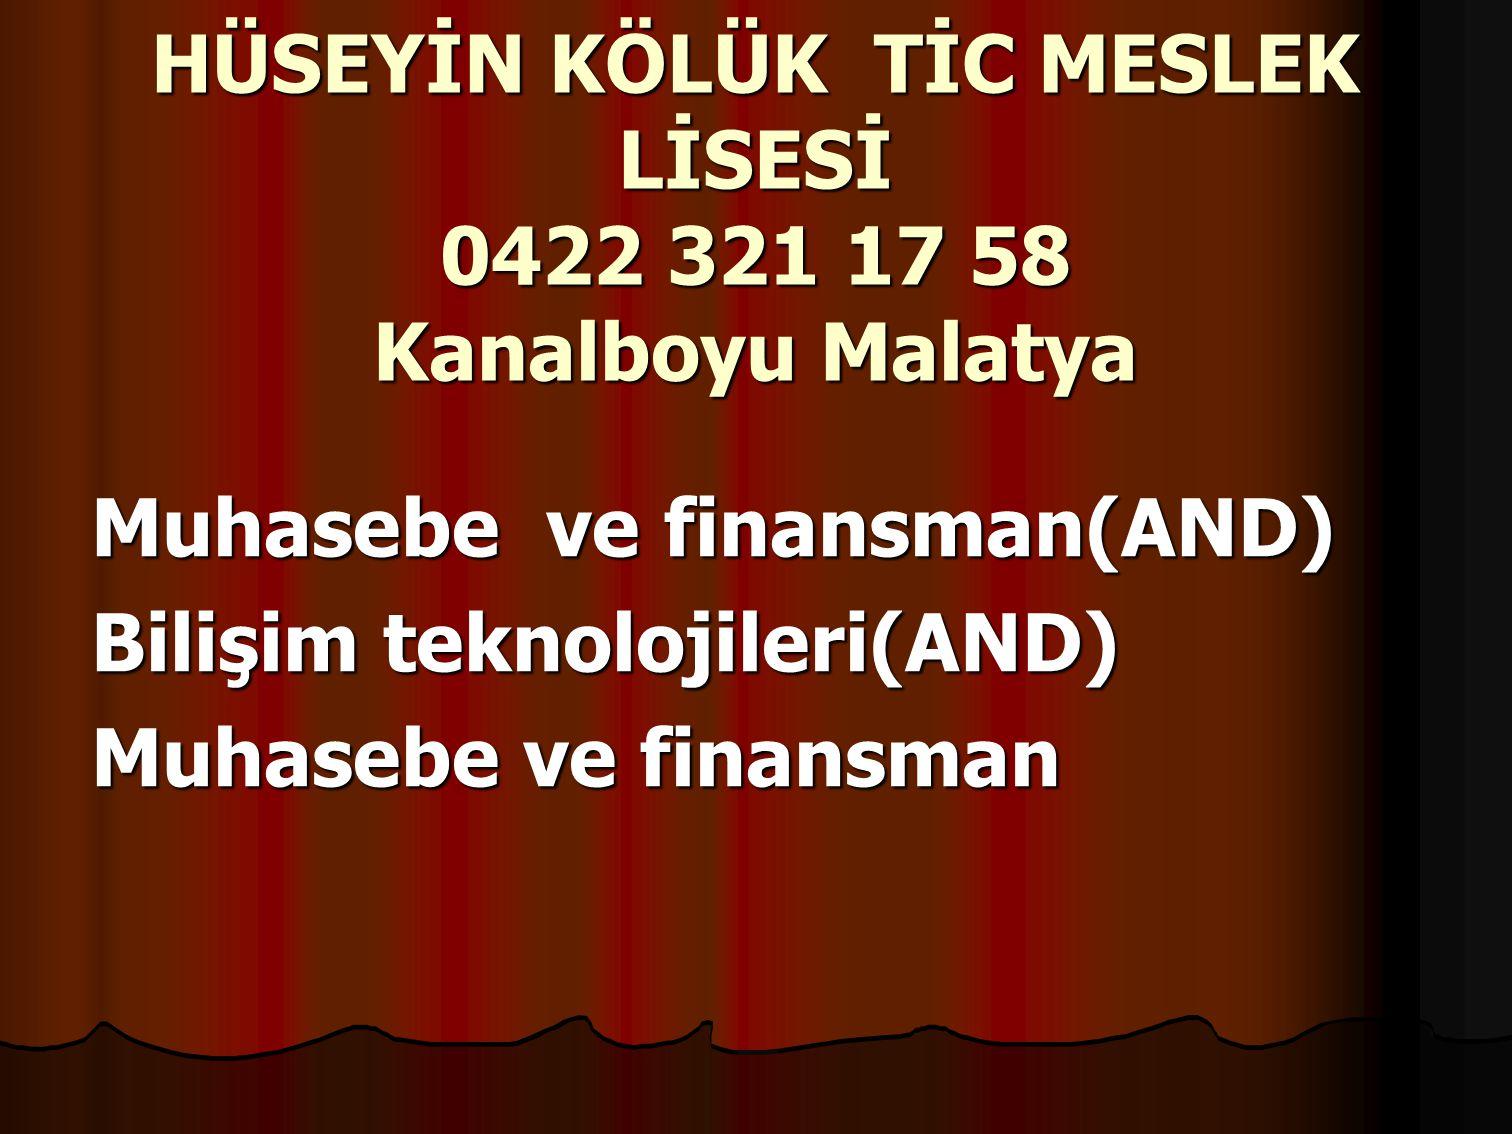 HÜSEYİN KÖLÜK TİC MESLEK LİSESİ 0422 321 17 58 Kanalboyu Malatya